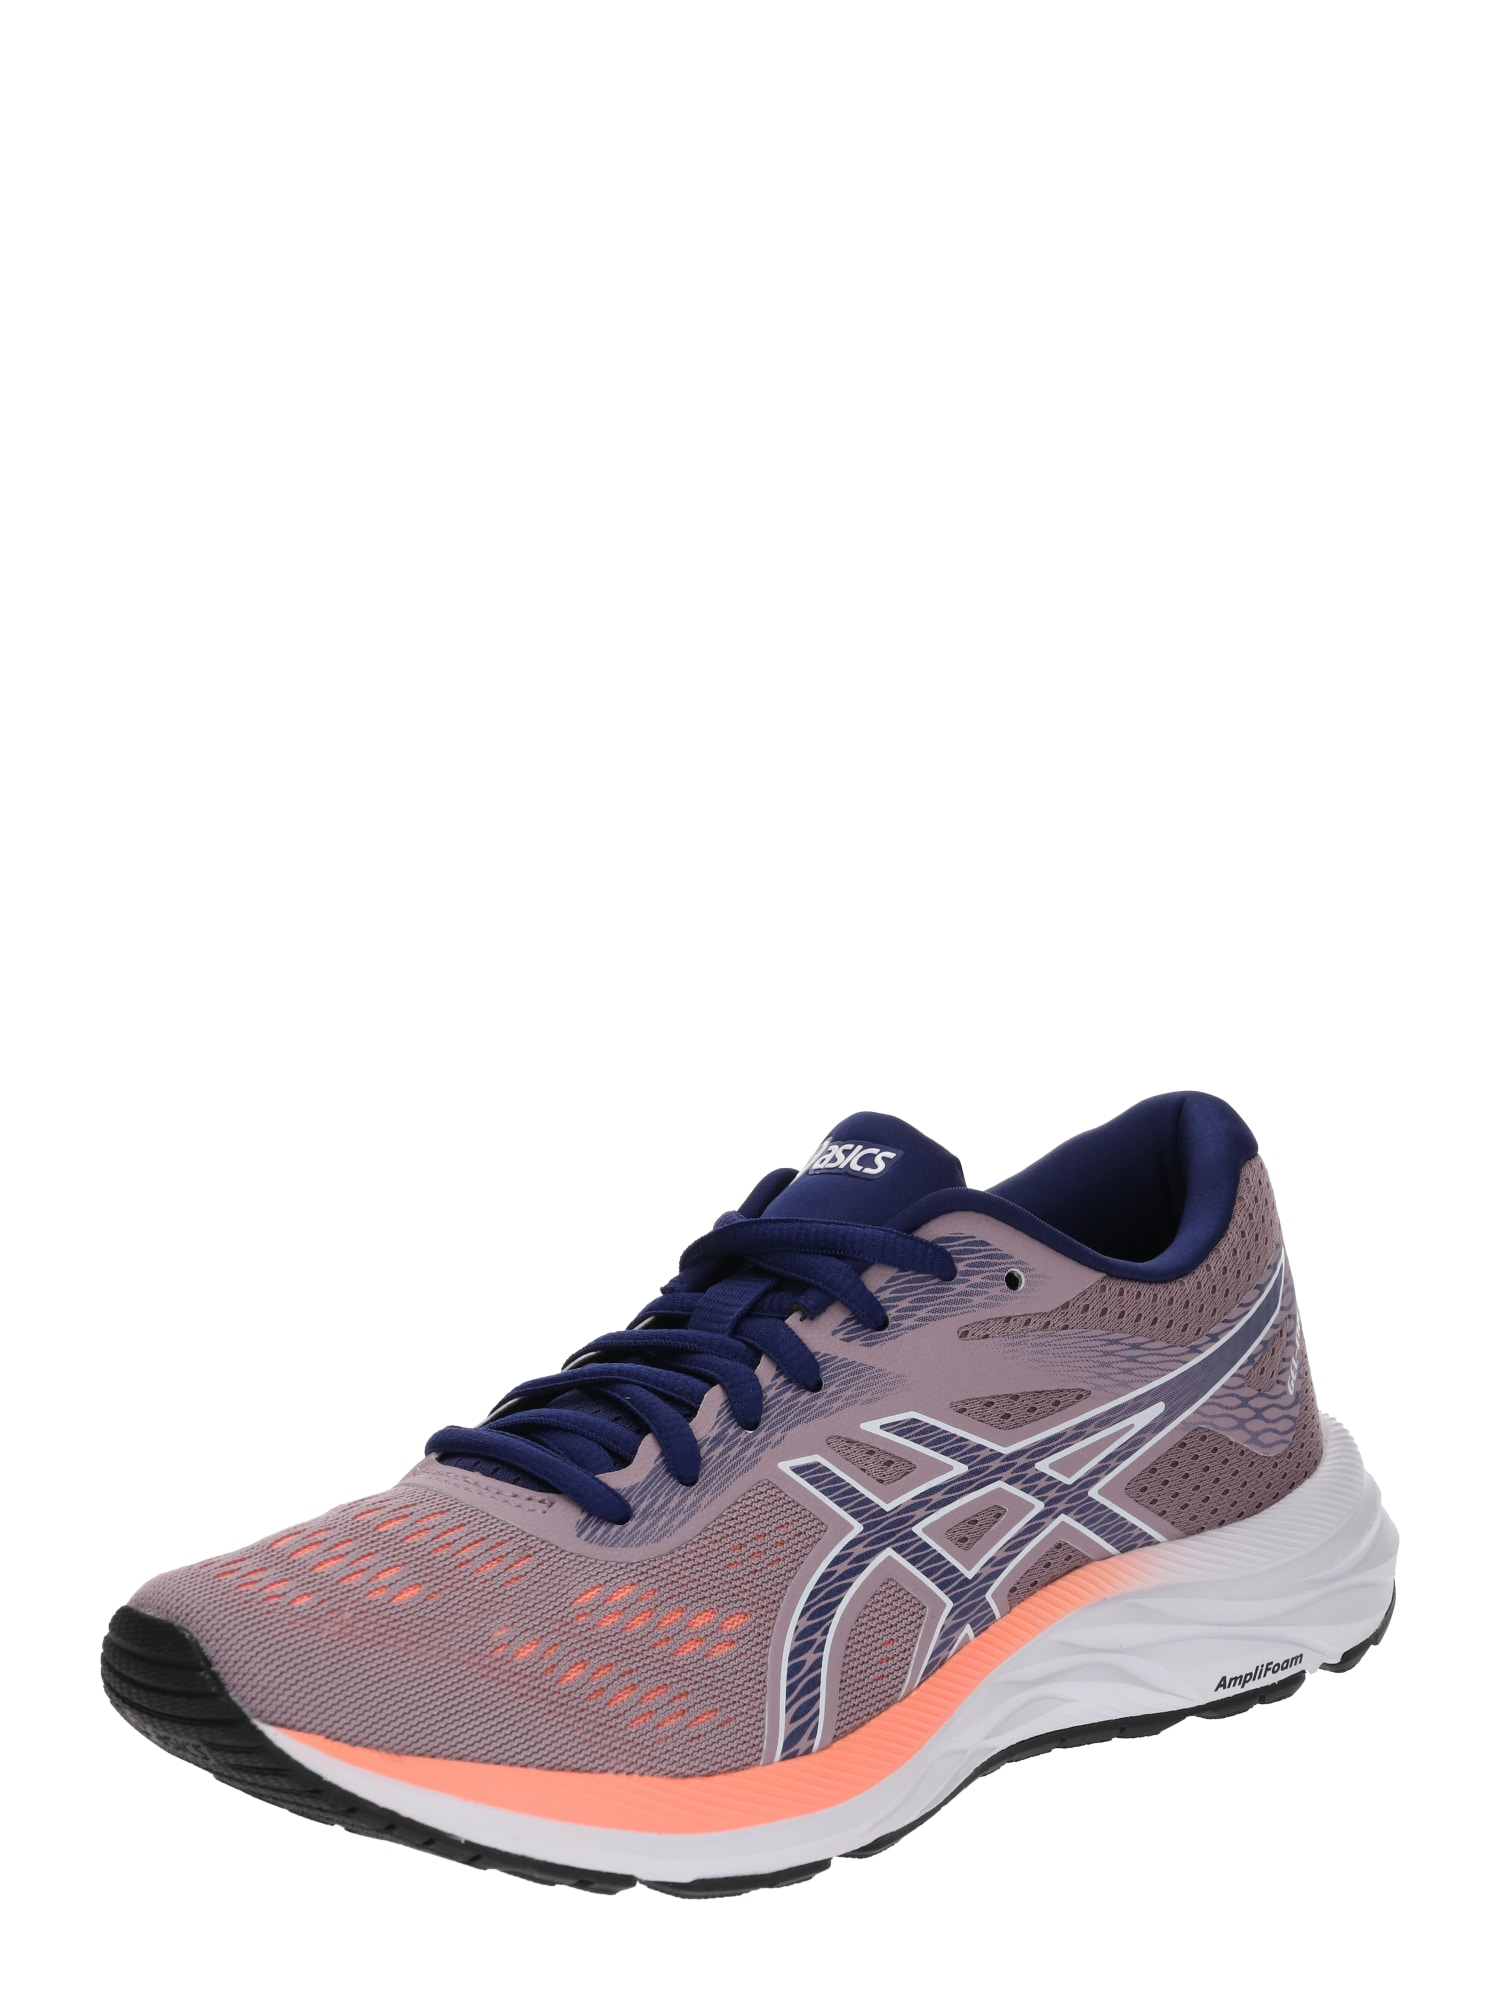 Běžecká obuv Gel-Excite 6 tmavě modrá šeříková ASICS